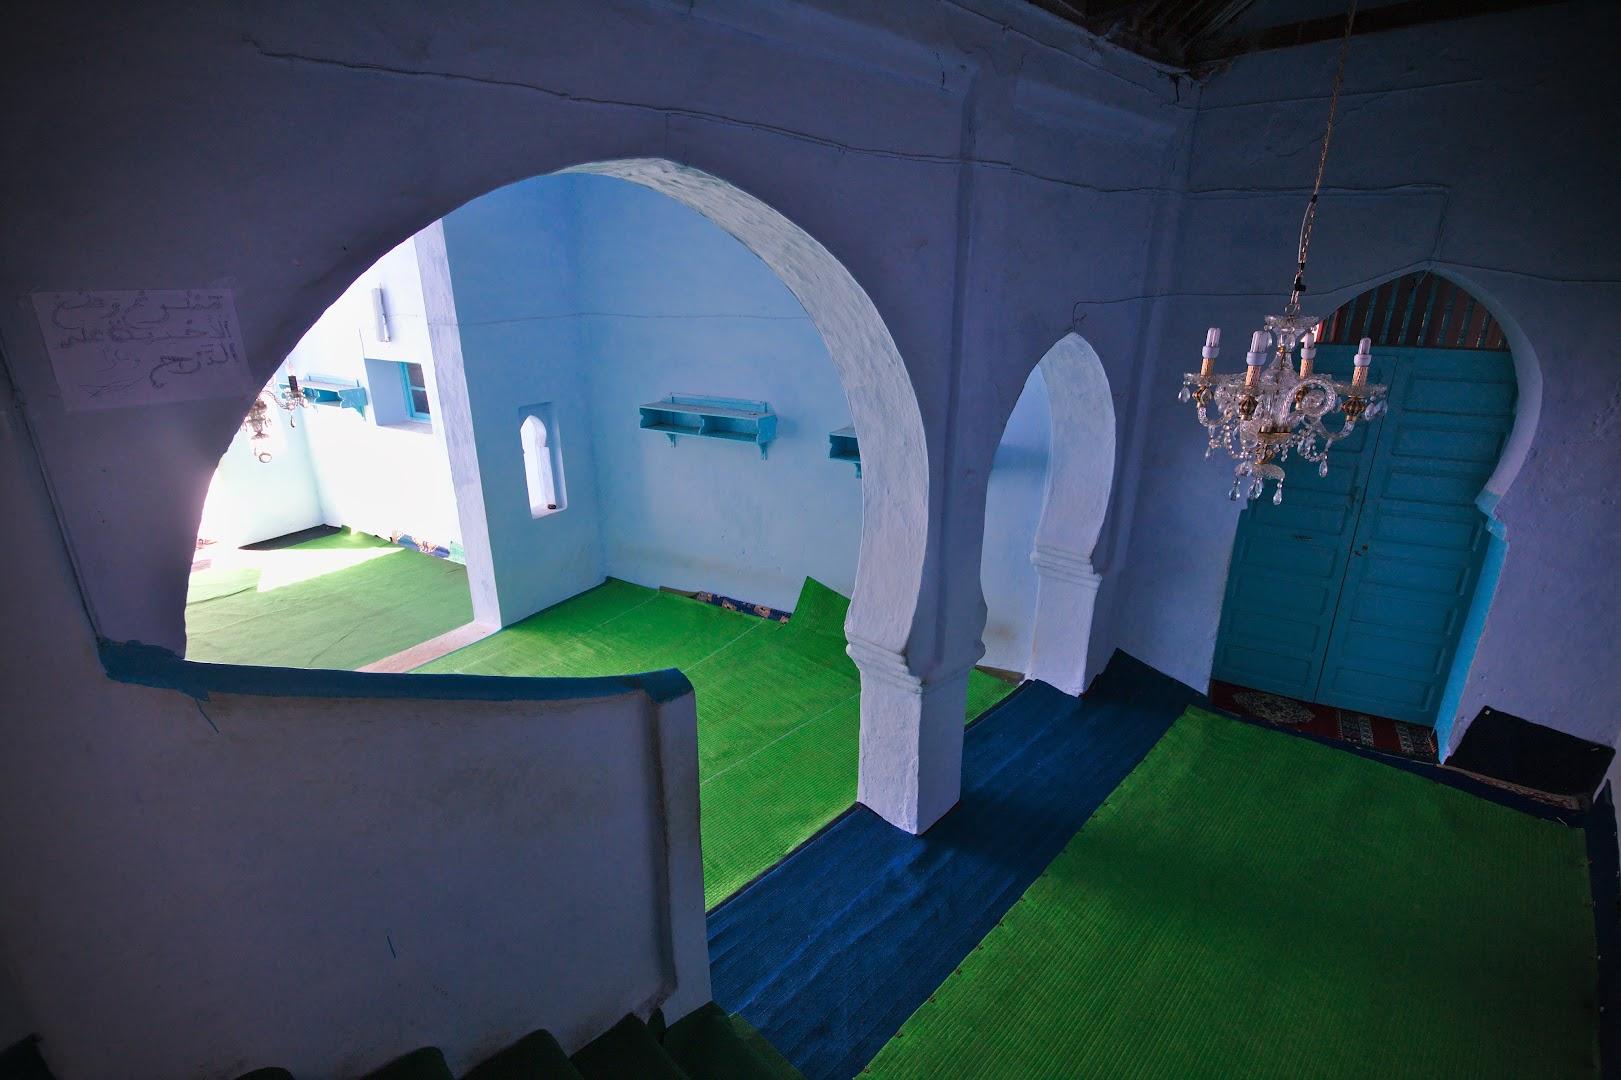 Interior of a mosk, normally forbidden to non-muslims